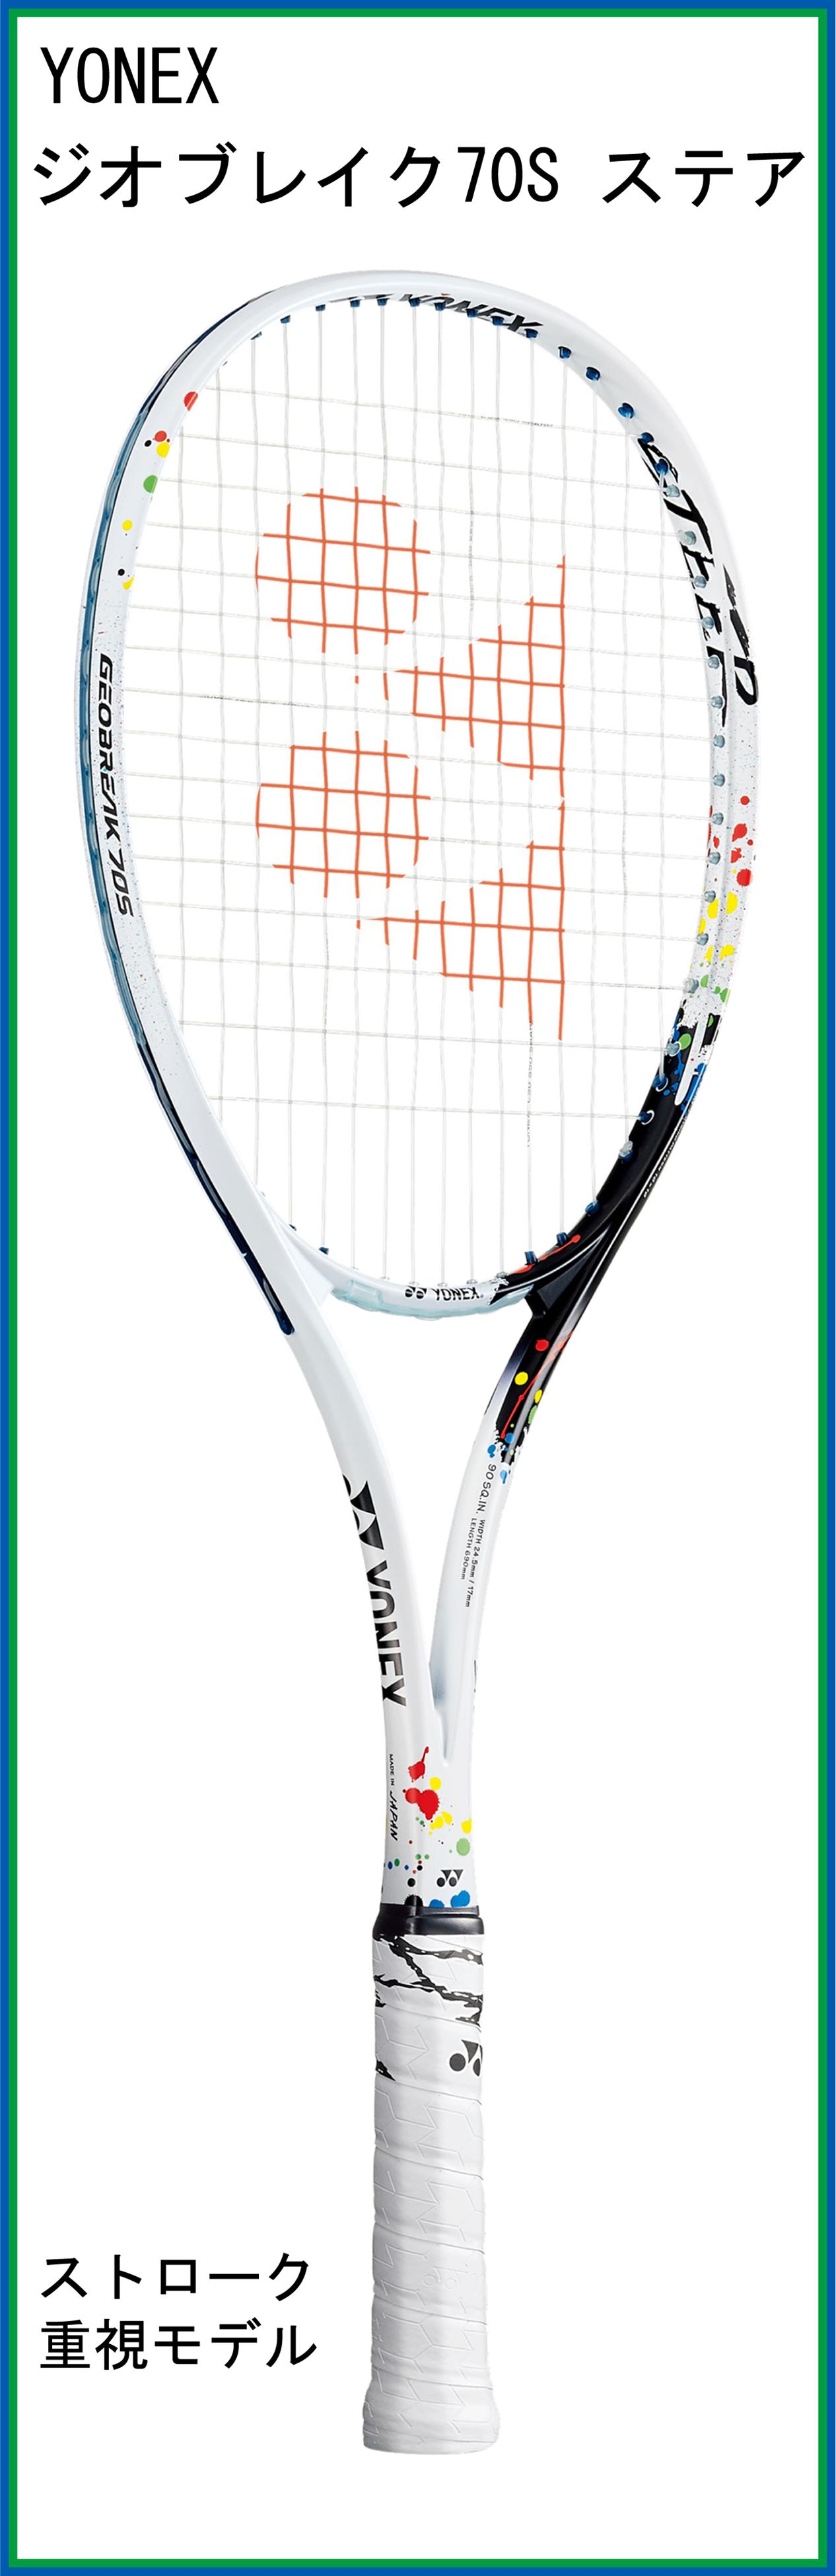 【新製品ラケット】 ヨネックス GEOBREAK 70S STEER ジオブレイク70S ステア (2021年8月発売)